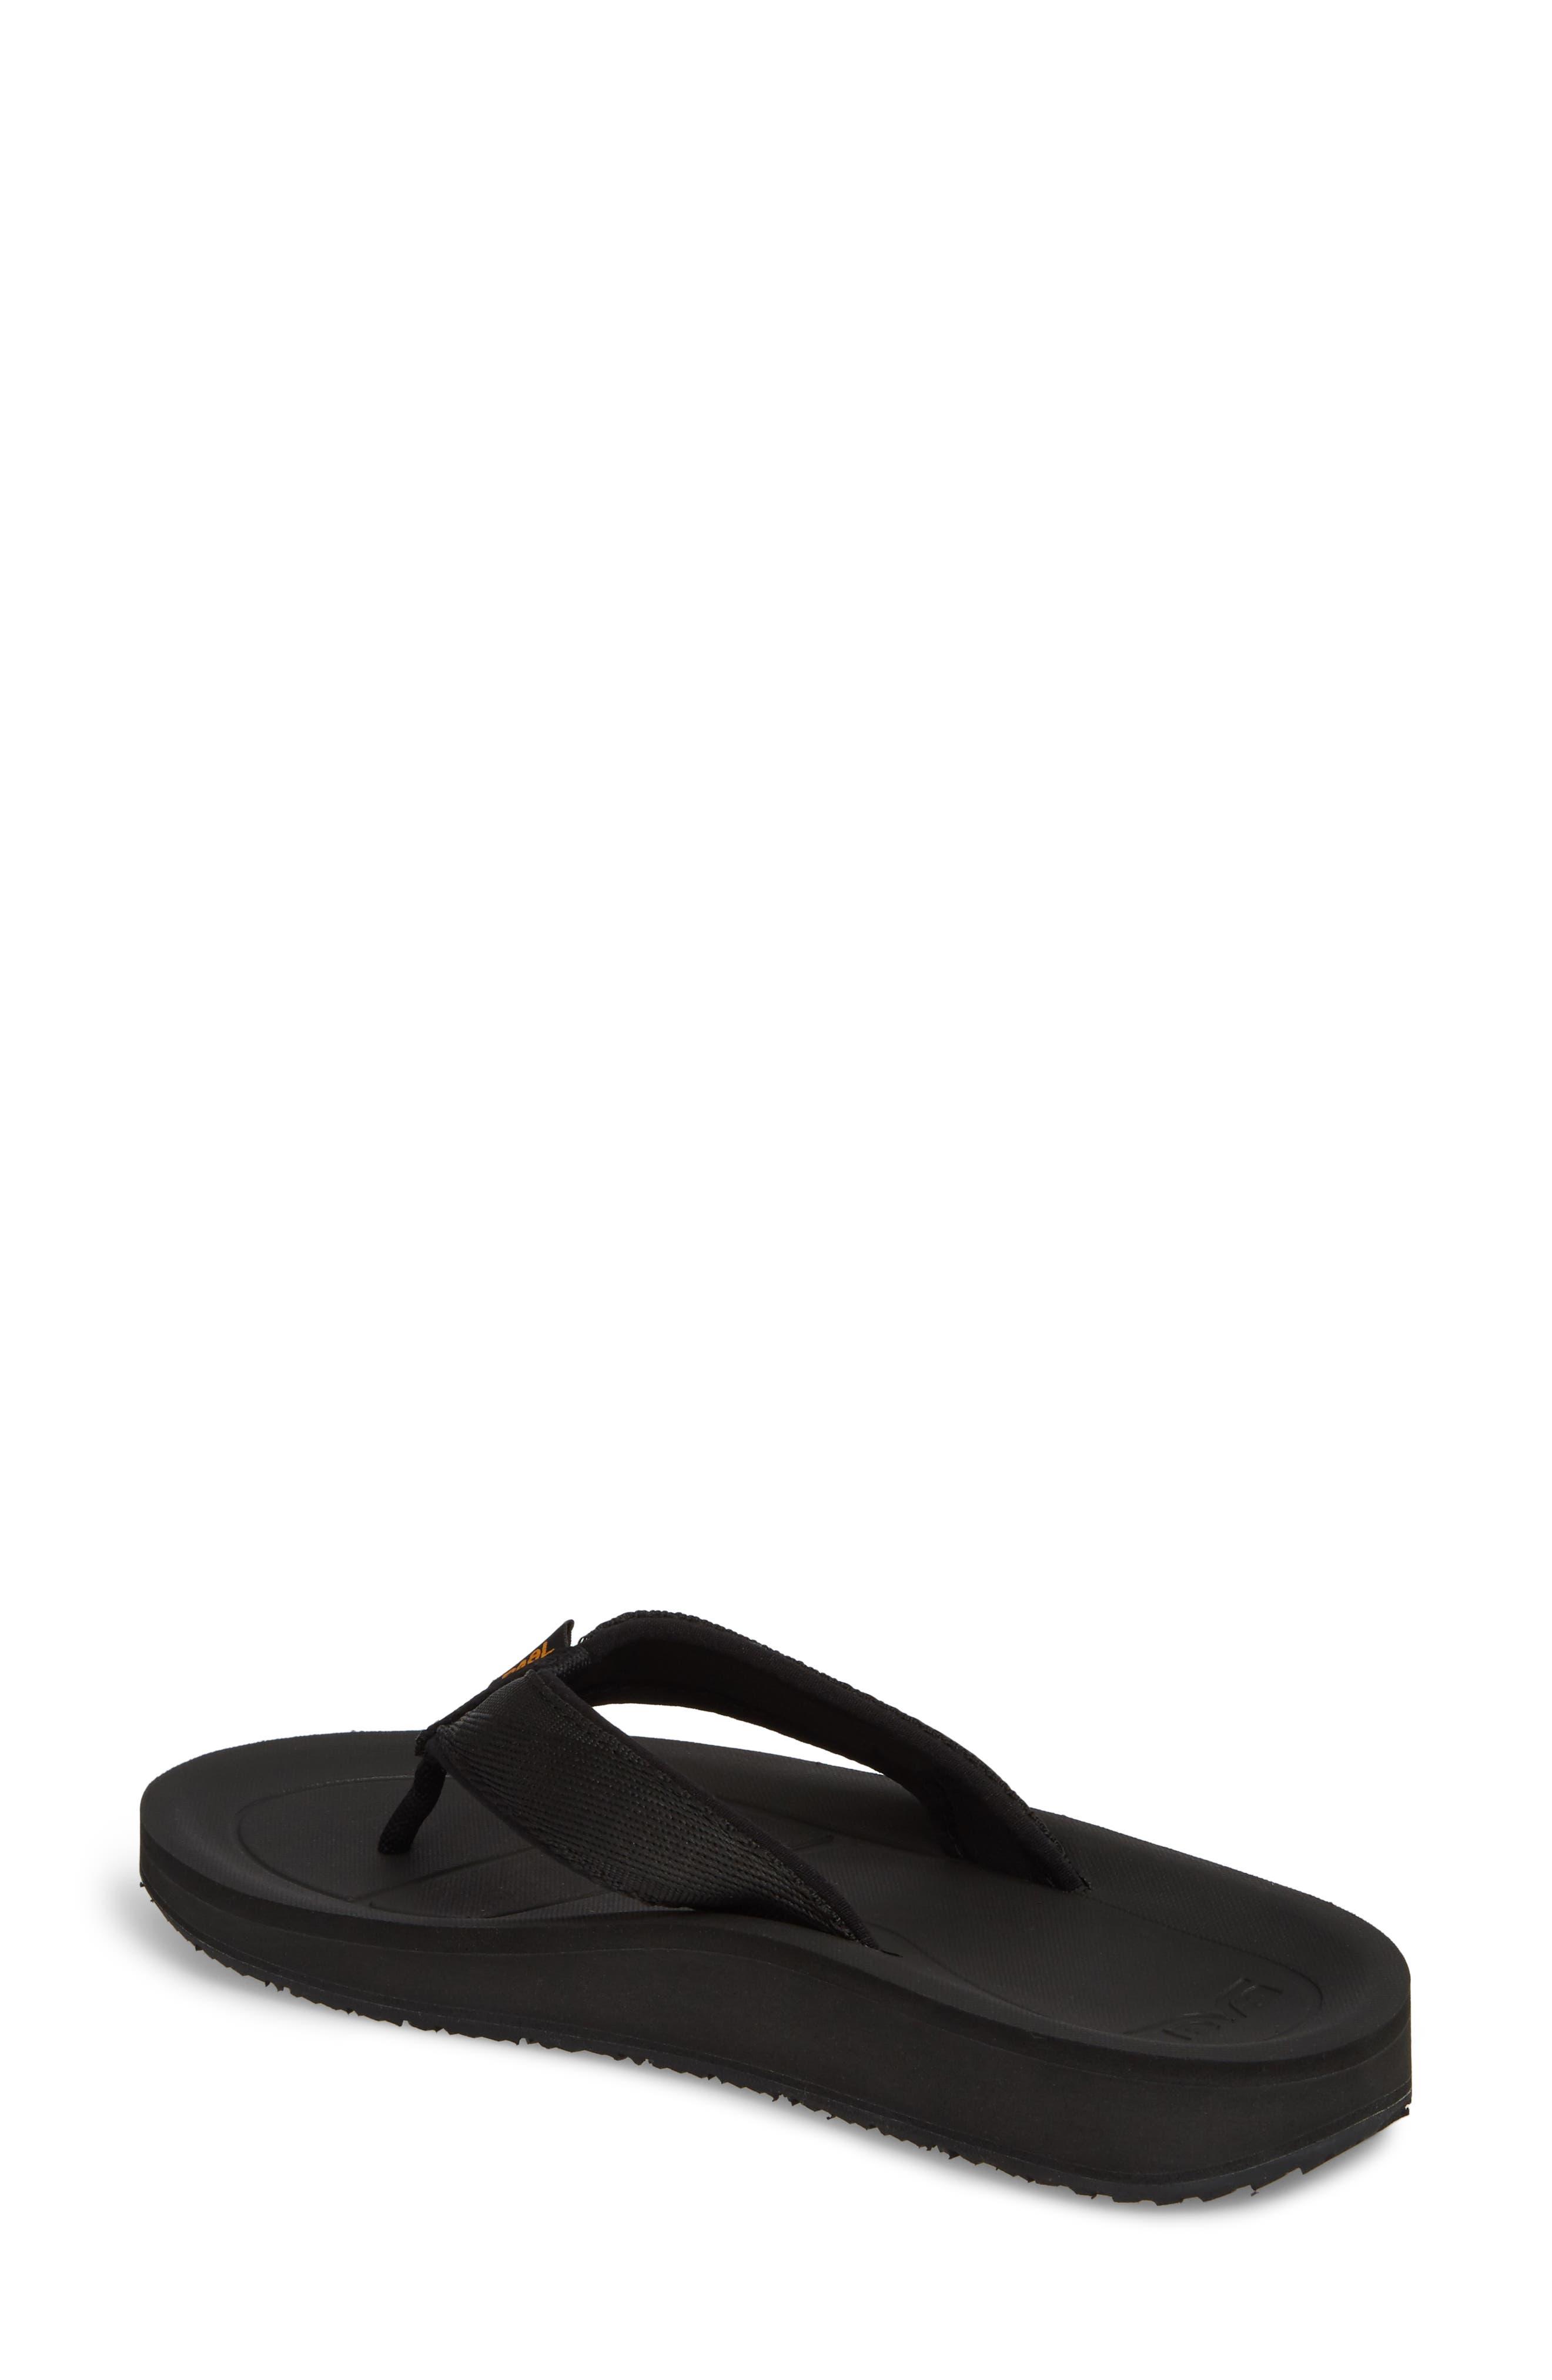 Alternate Image 2  - Teva Flip Premier Sandal (Women)